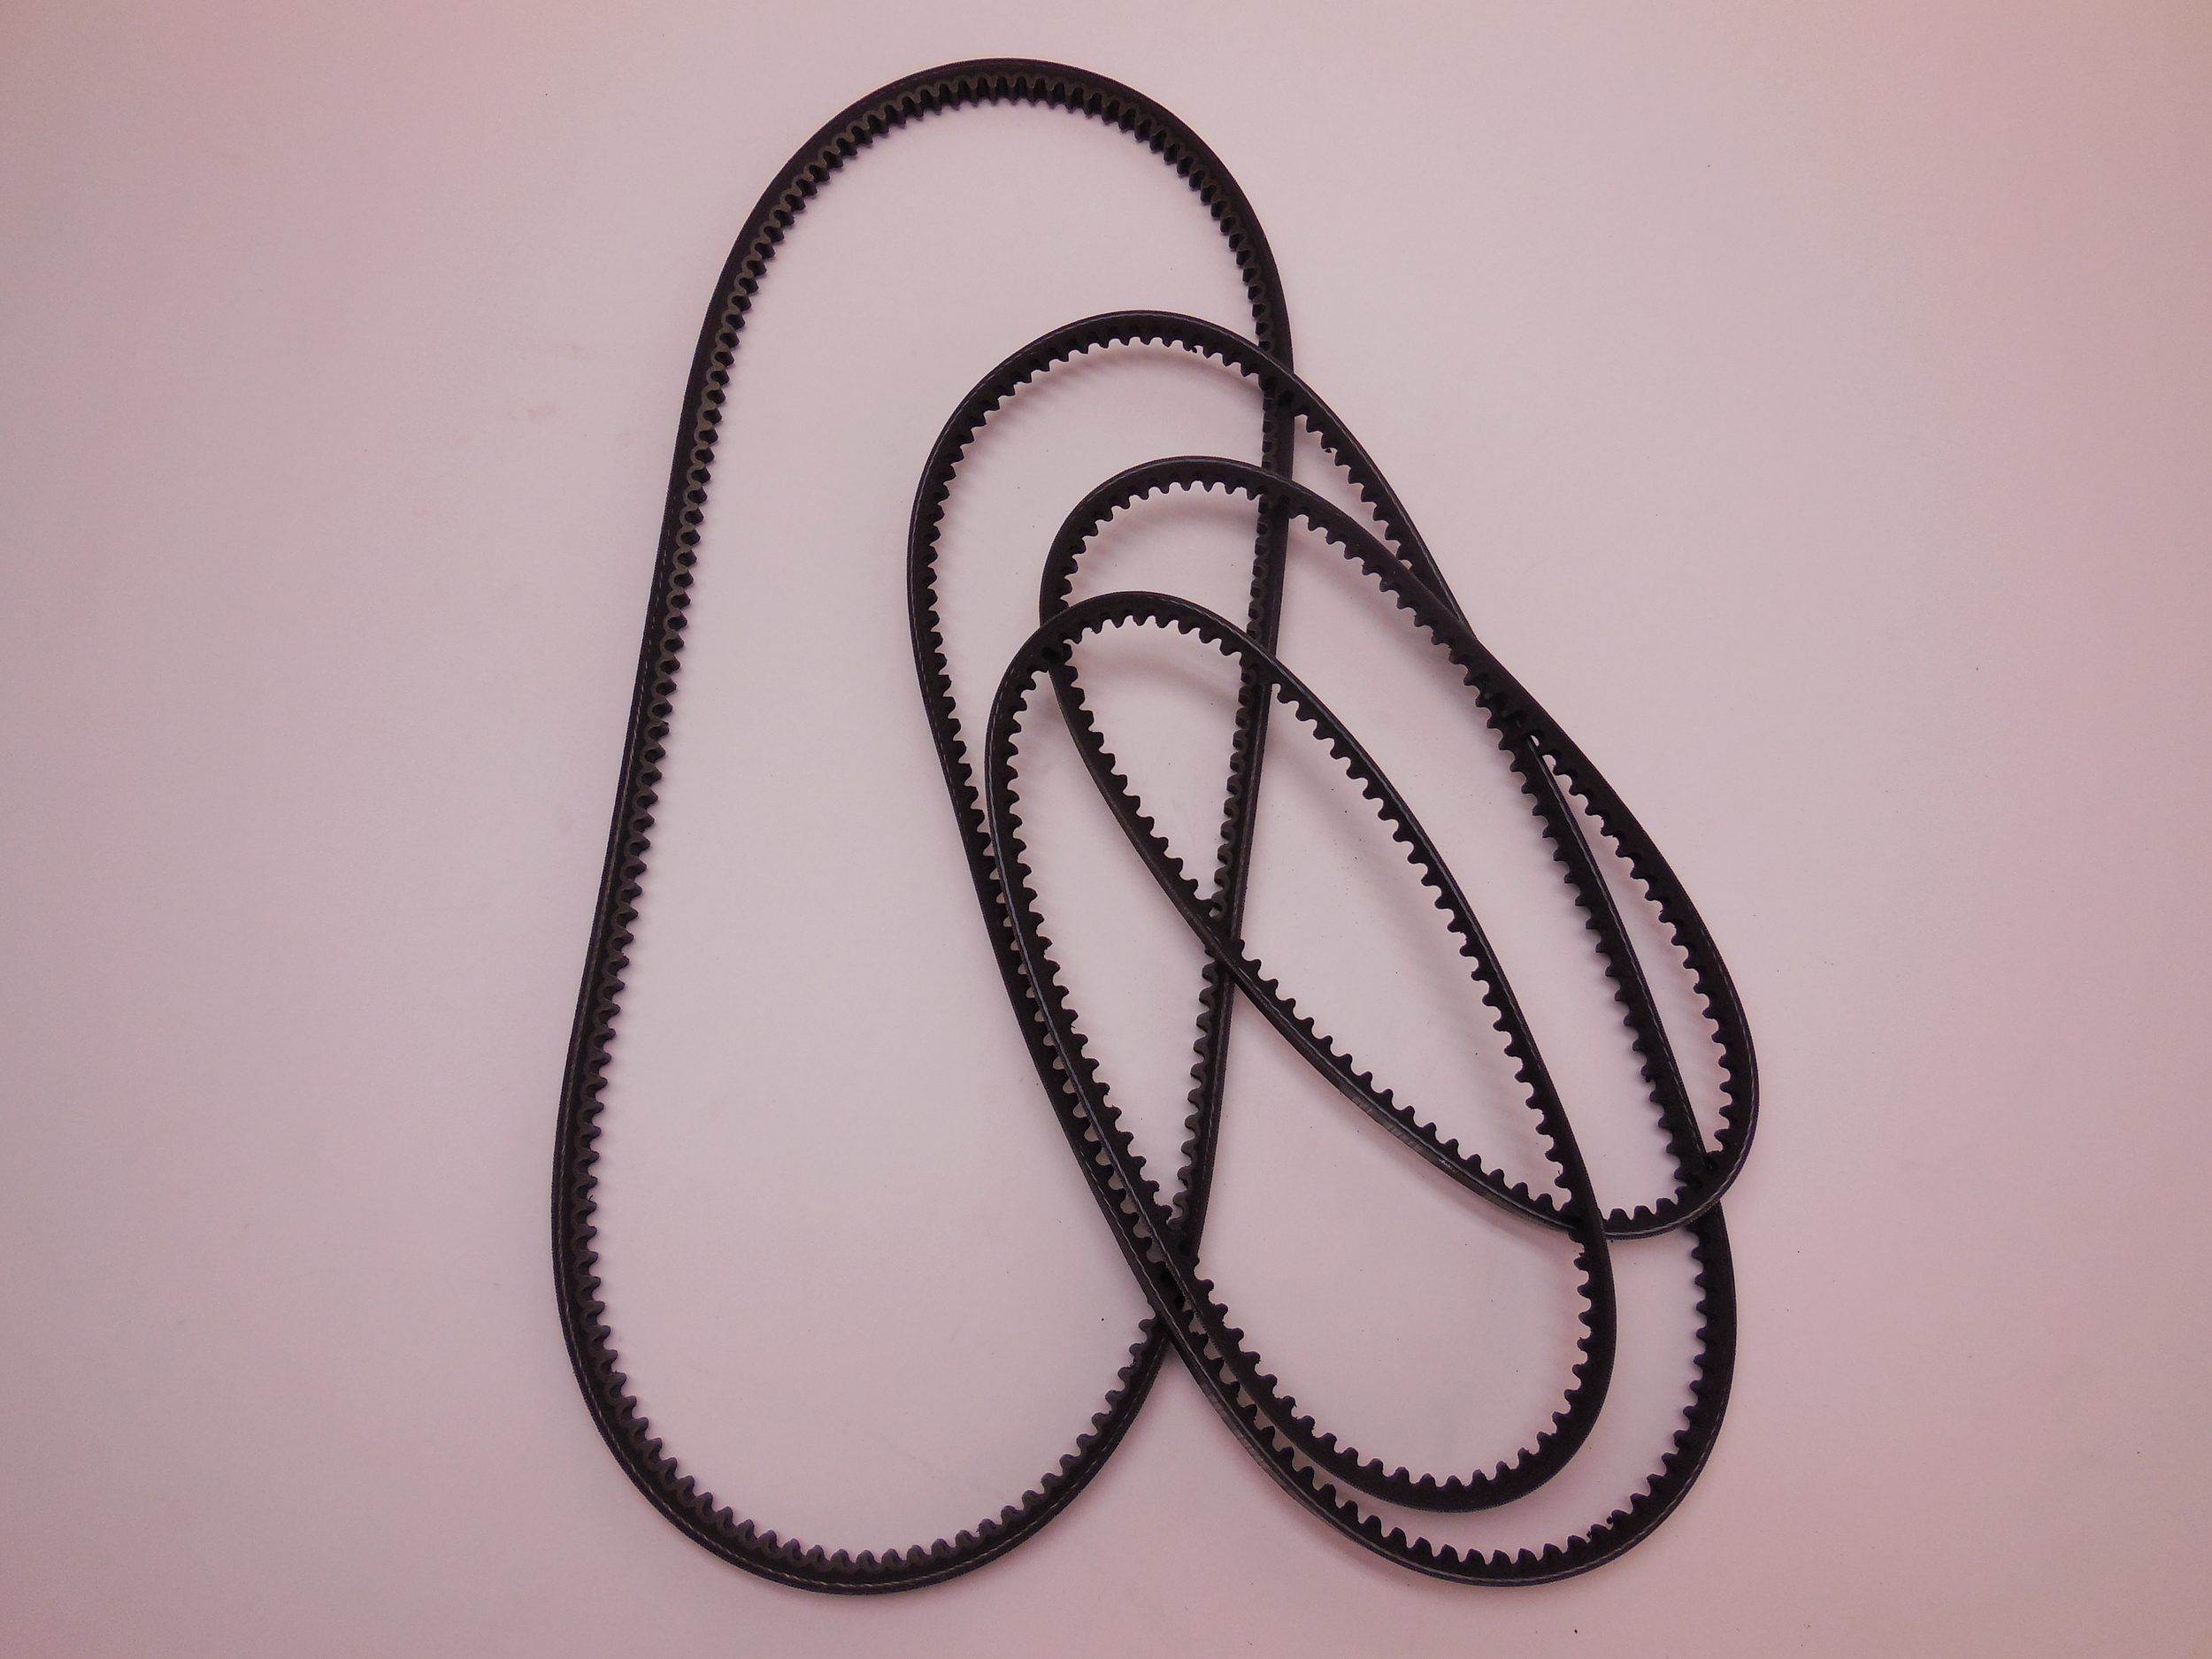 Fan belt Price: 390 SEK